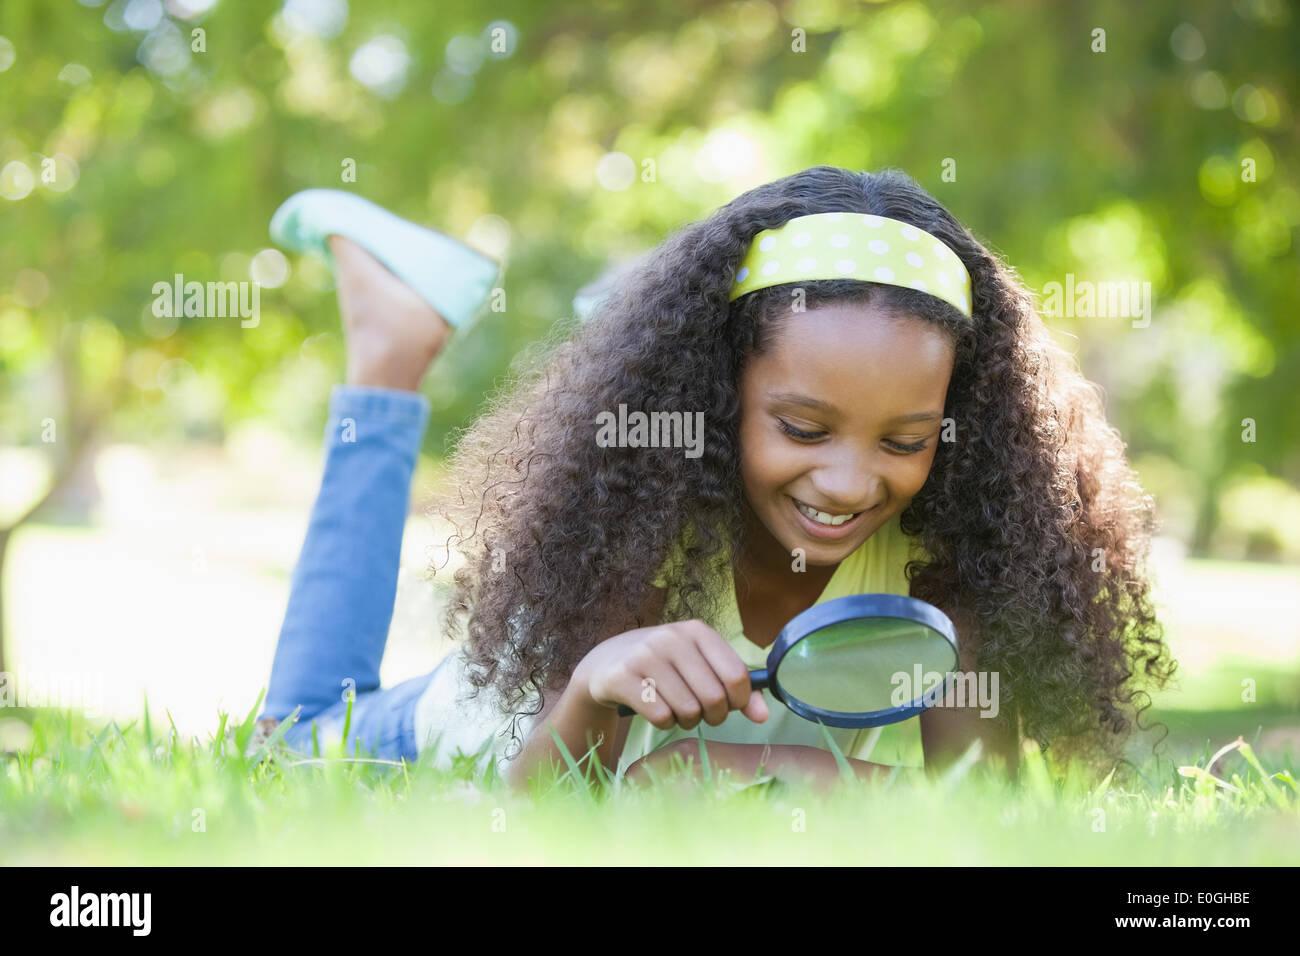 Joven mirando a través de una lupa de hierba en el parque Imagen De Stock